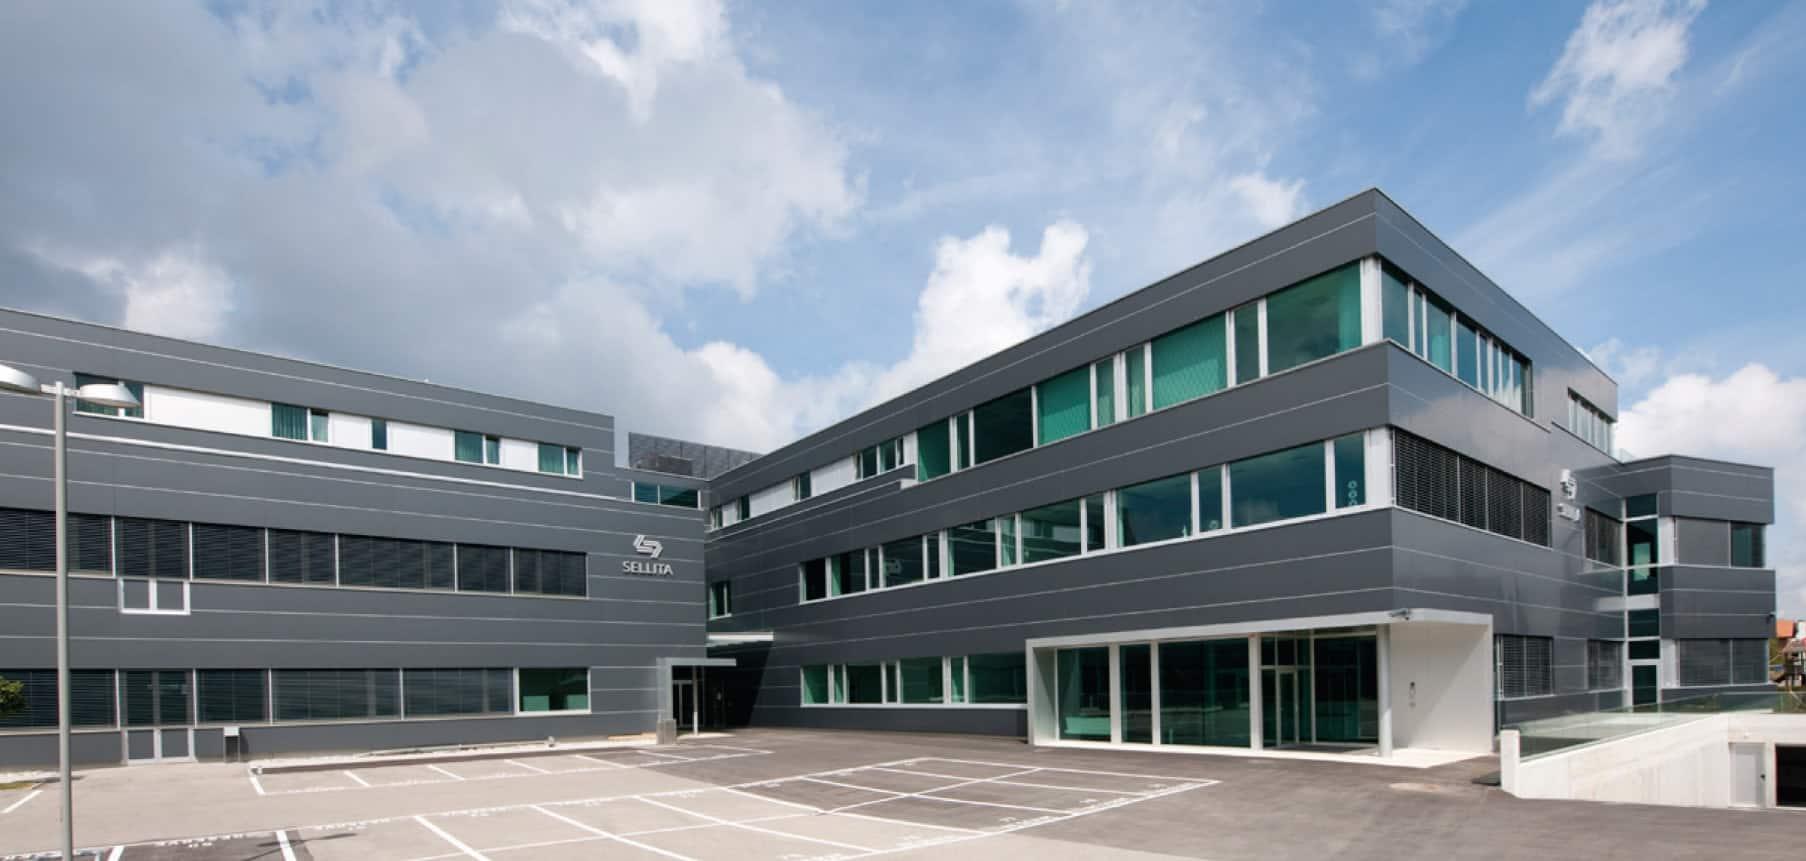 Die  Sellita Produkltionsstätte in Le Crêt-du-Locle, einem Stadtteil von La Chaux-de-Fonds